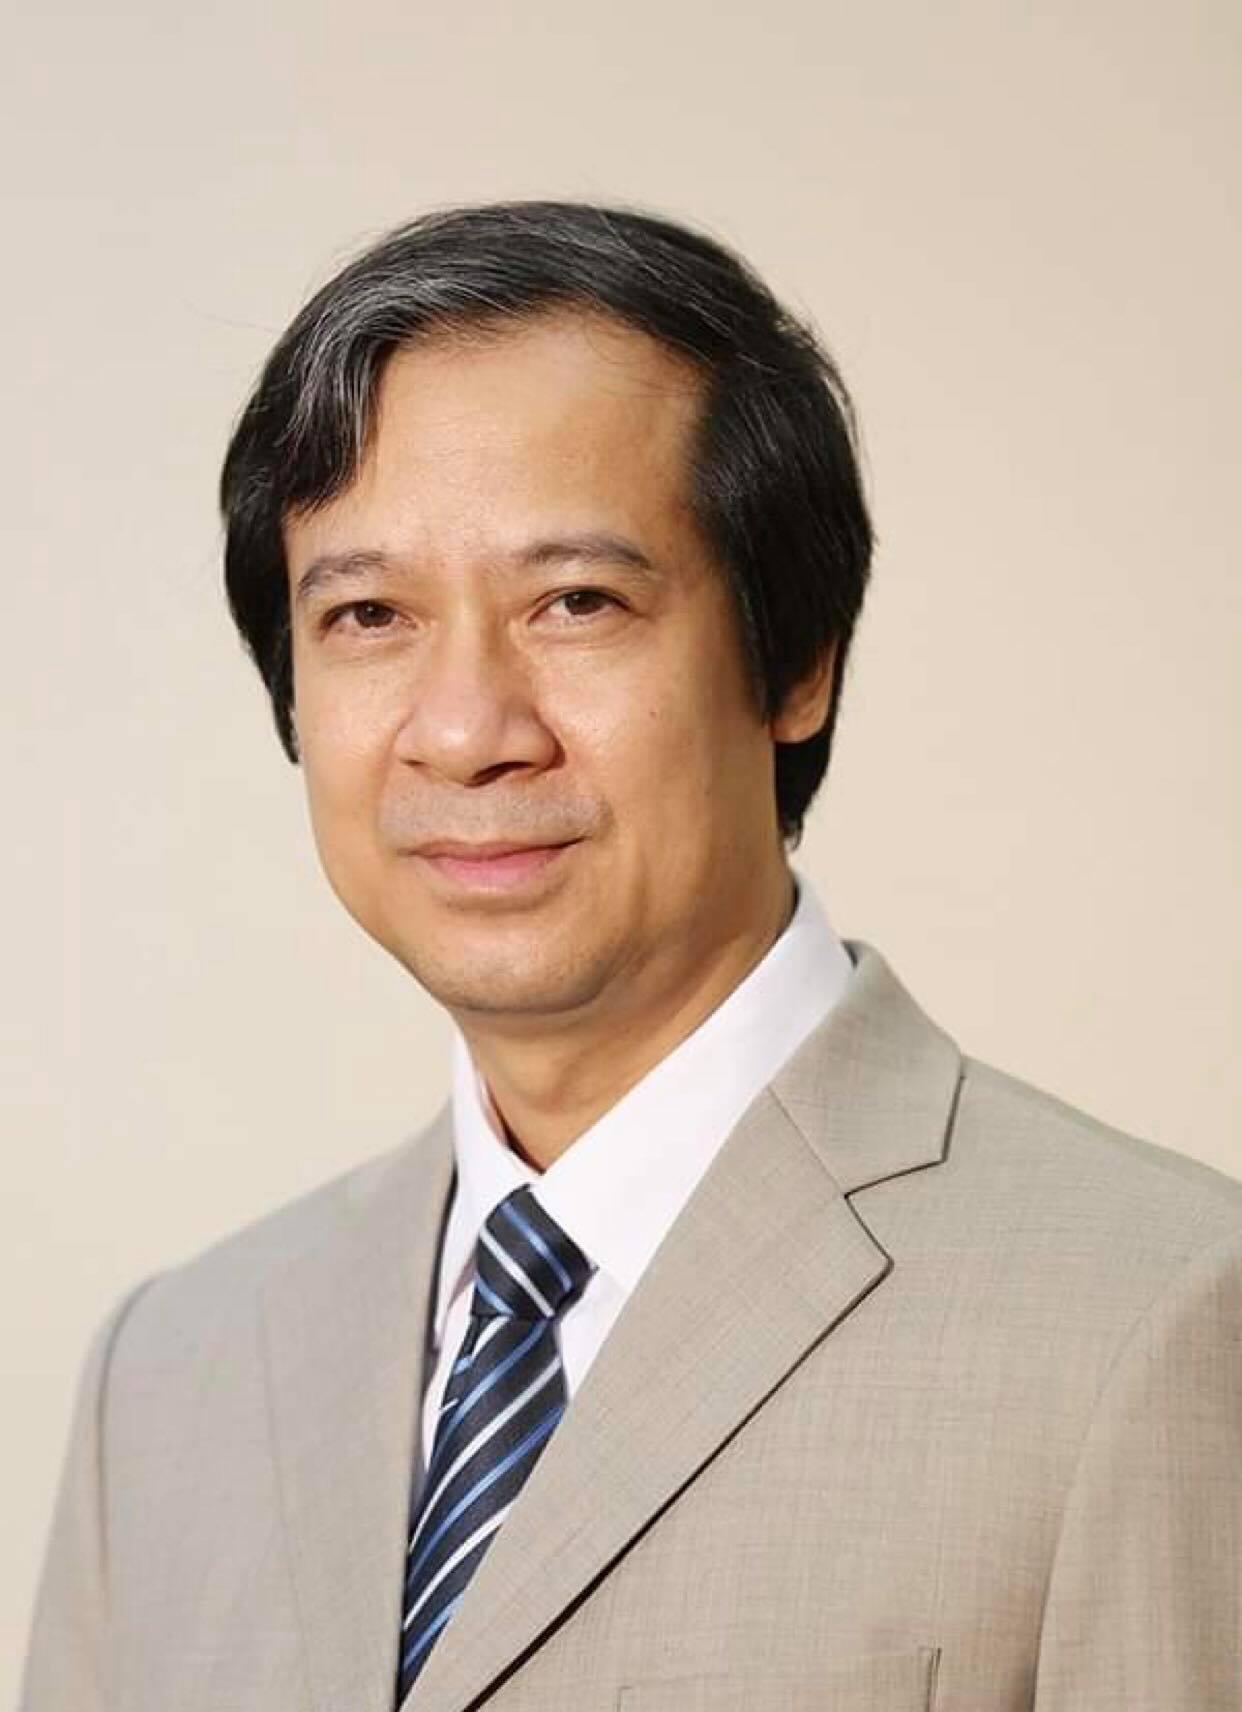 Bộ Giáo dục và Đào tạo có Bộ trưởng mới - 1